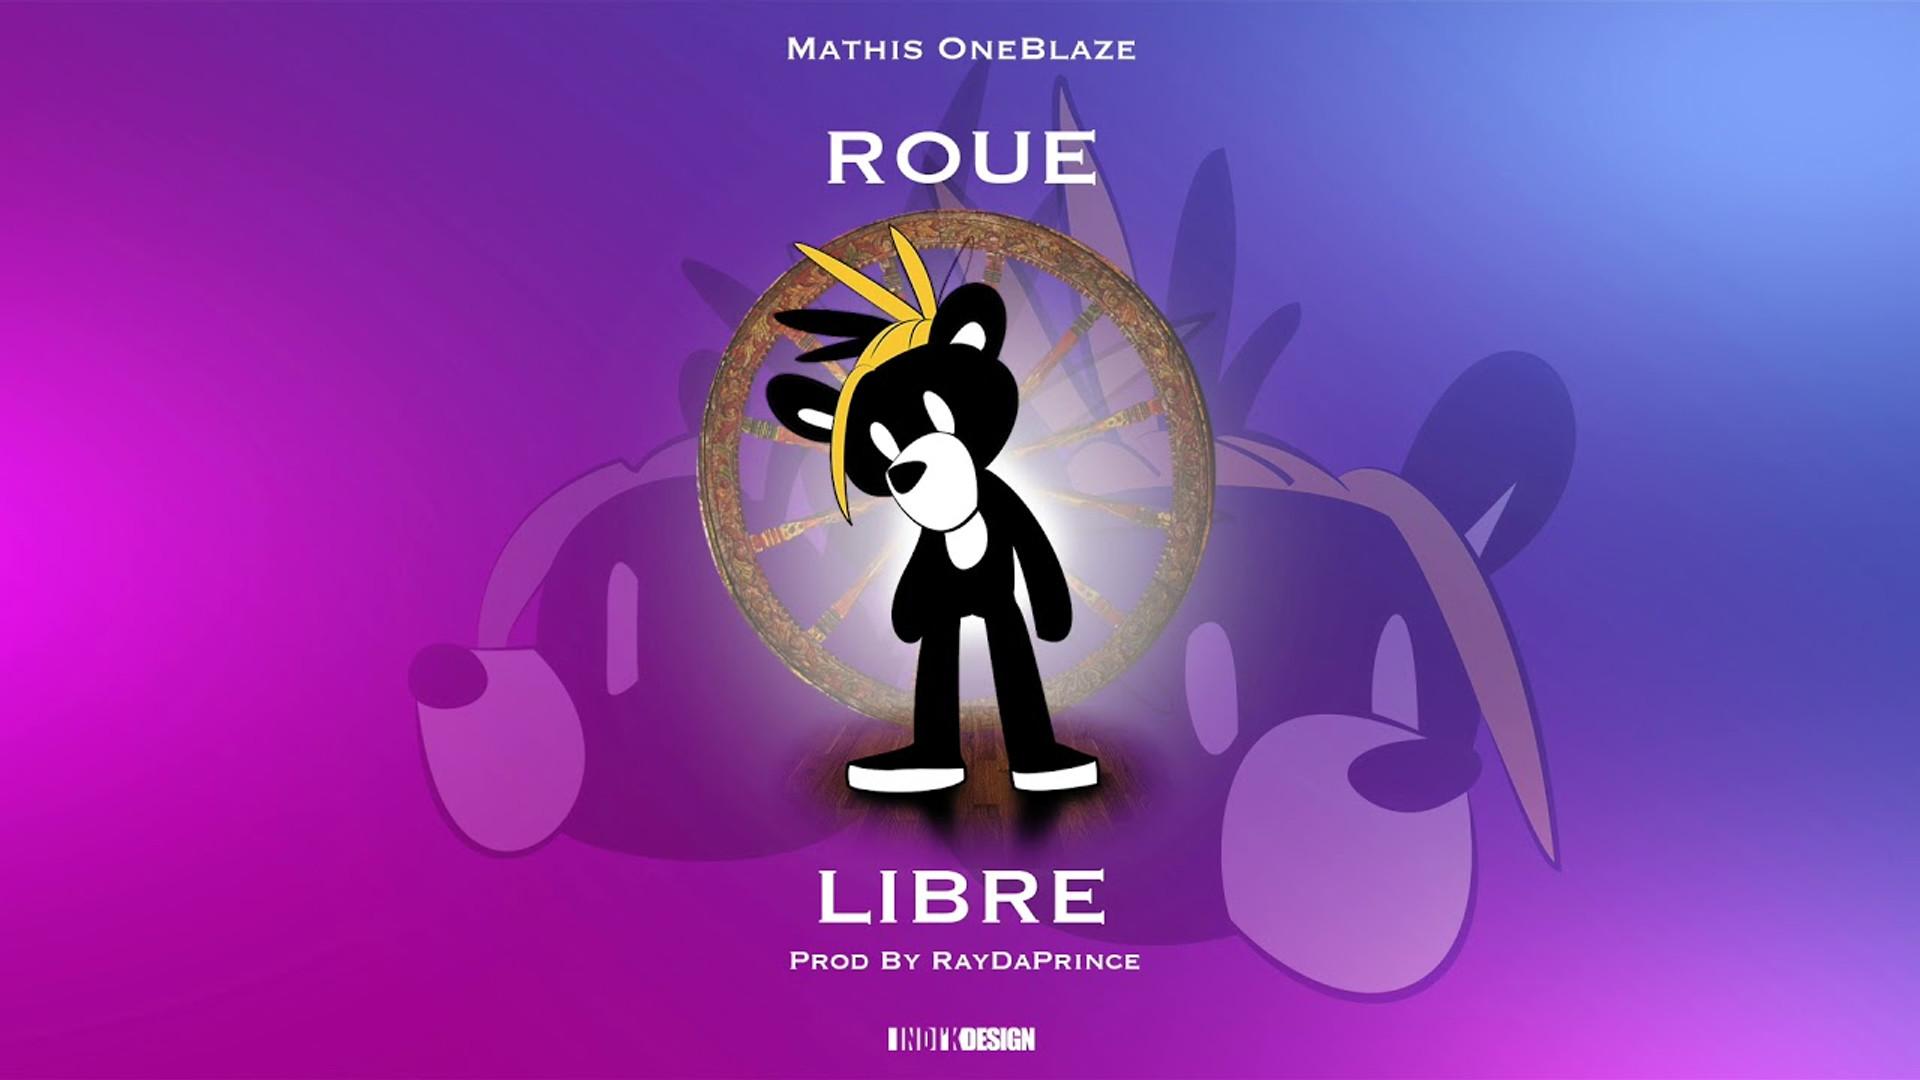 Mathis OneBlaze - Roue Libre